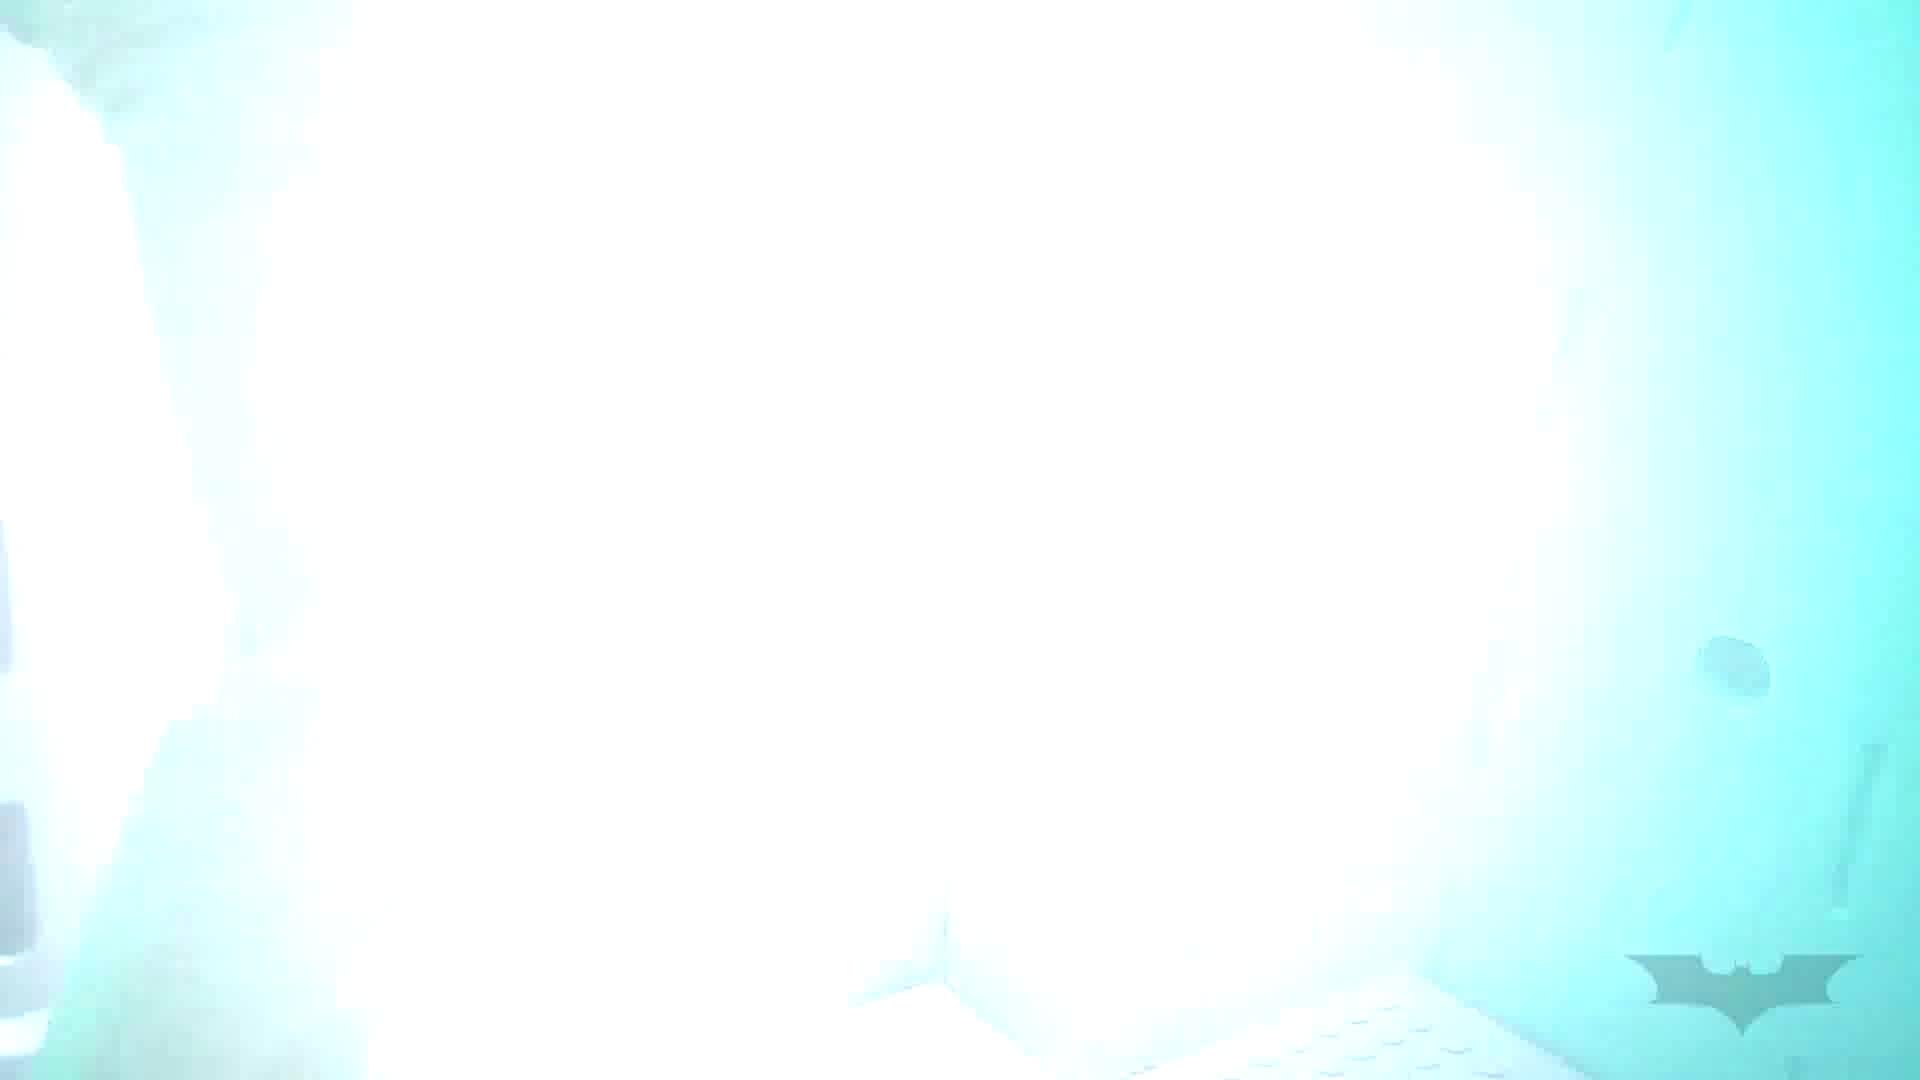 痴態洗面所 Vol.08 たっぷり汚トイレ トイレのぞき すけべAV動画紹介 96画像 89